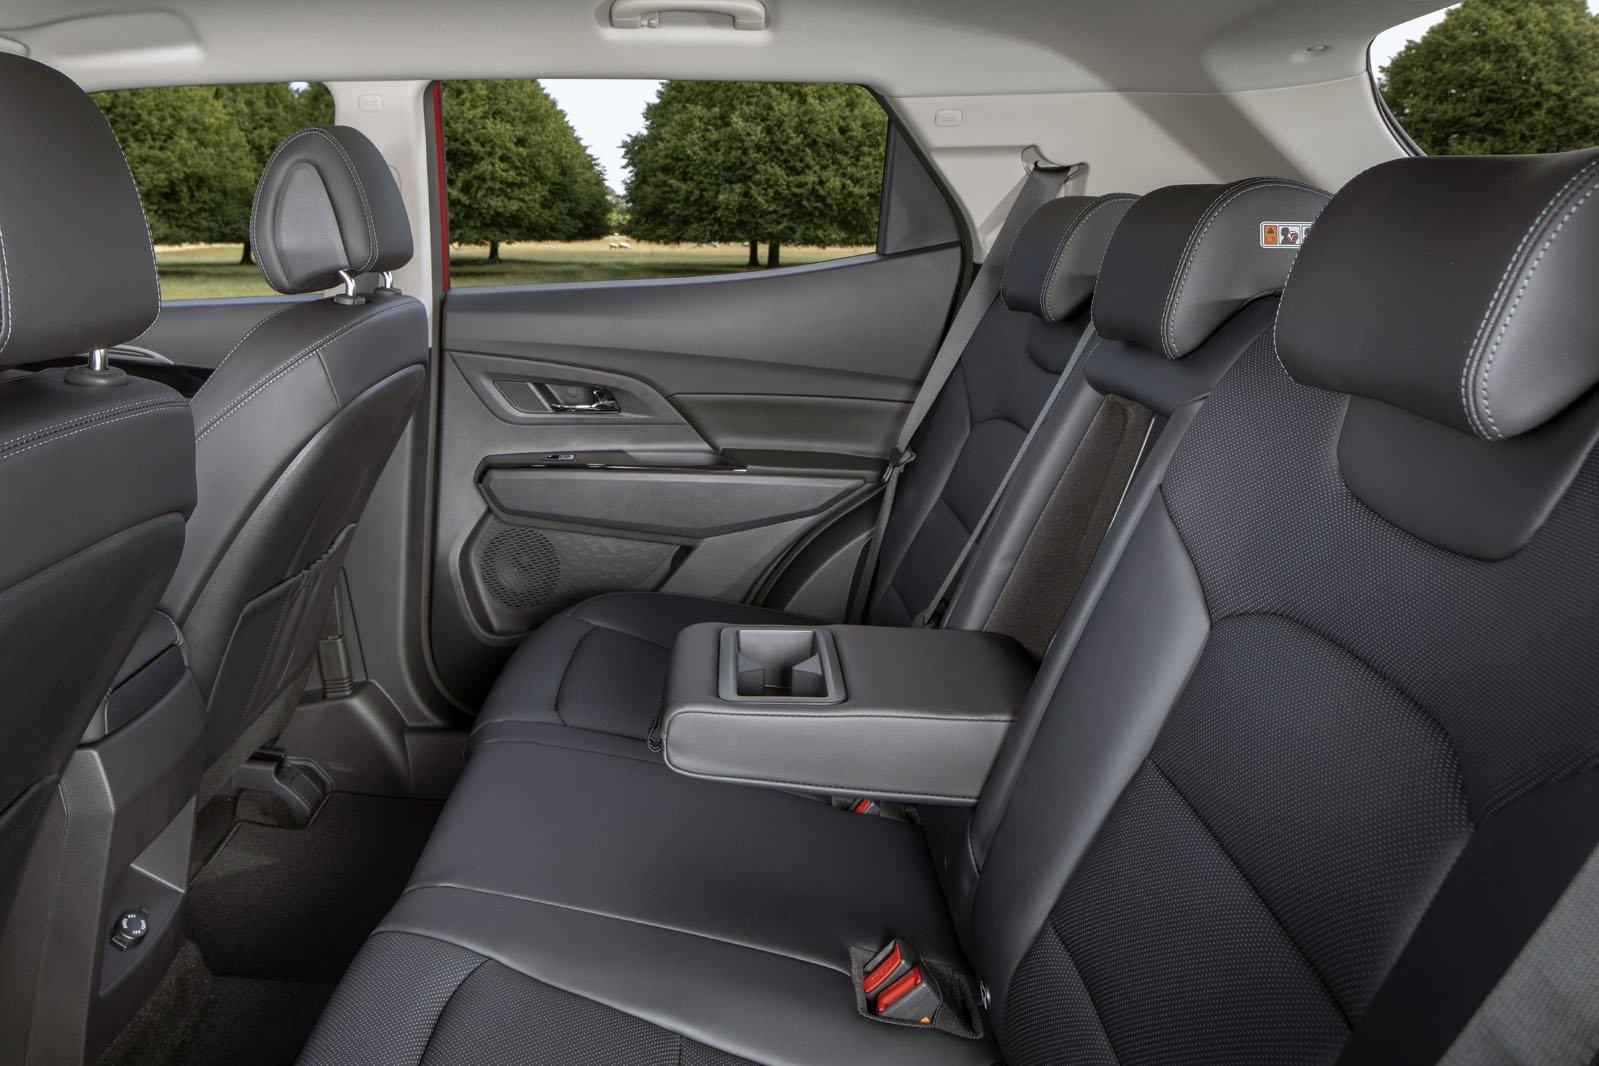 Ssangyong Korando 2019 rear seats